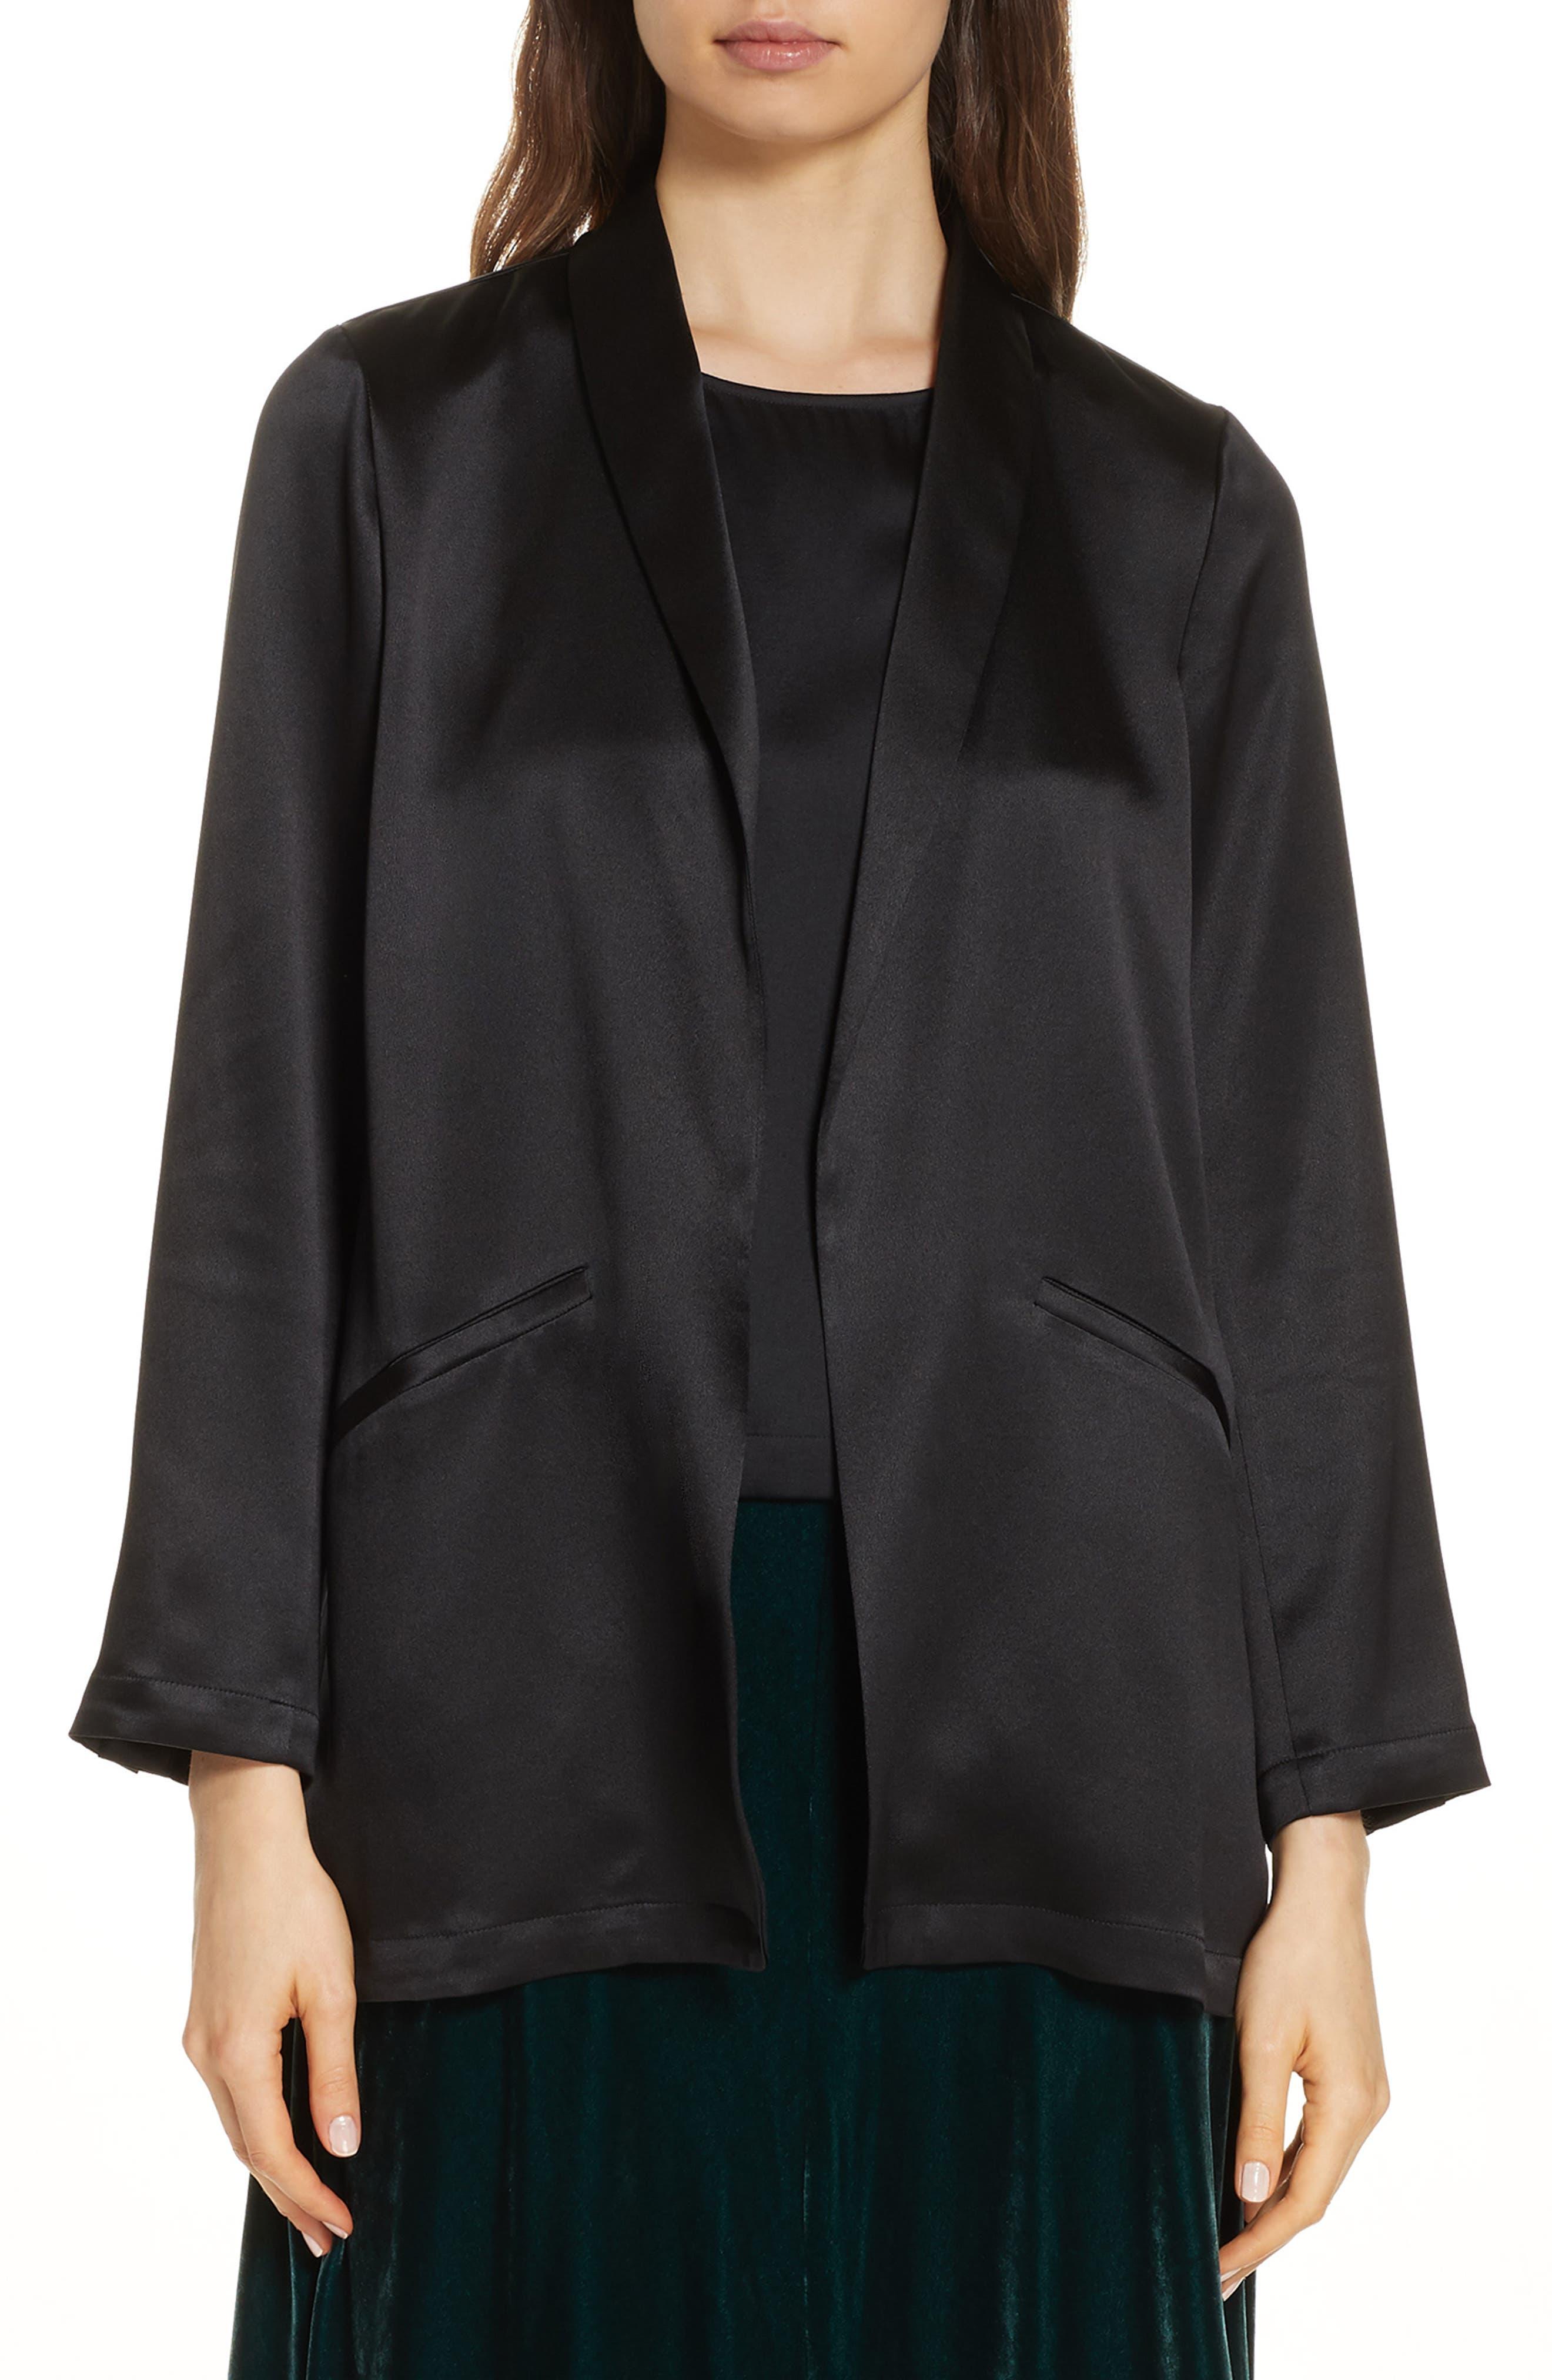 Silk Crepe-Back Satin Blazer in Black